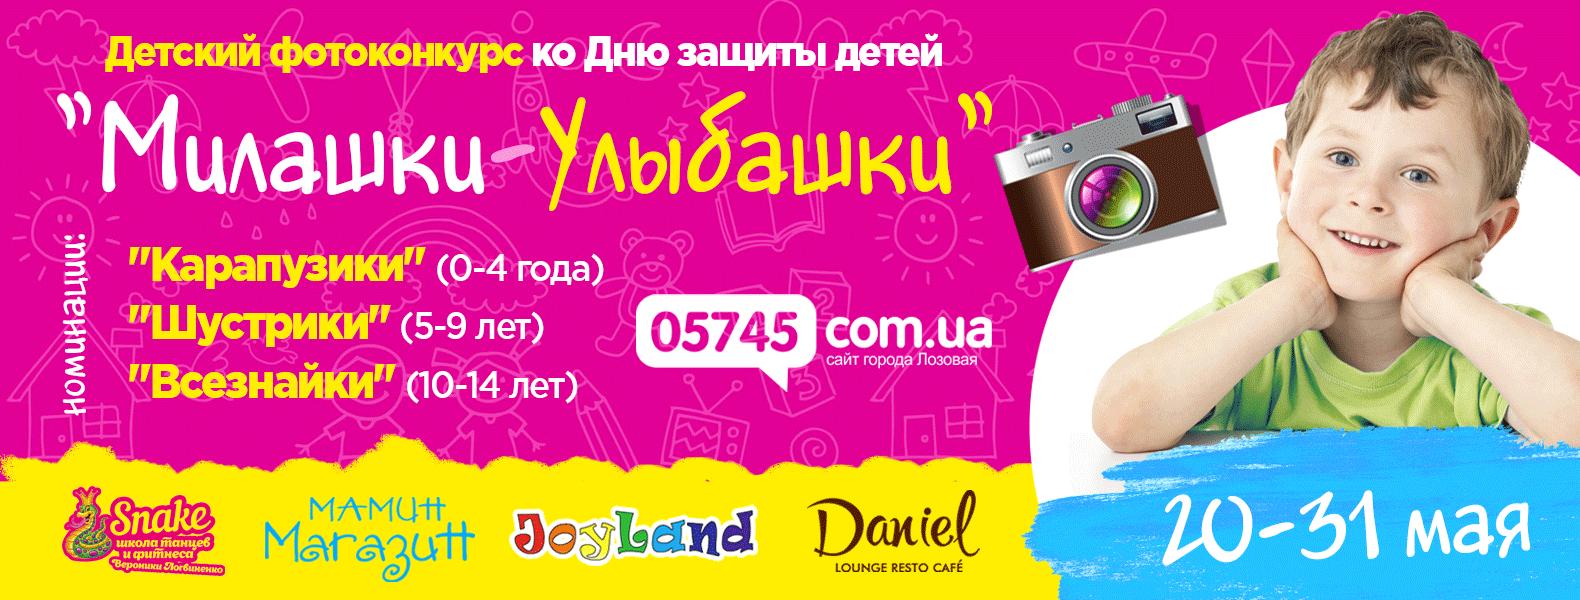 Детский фотоконкурс от 05745.com.ua